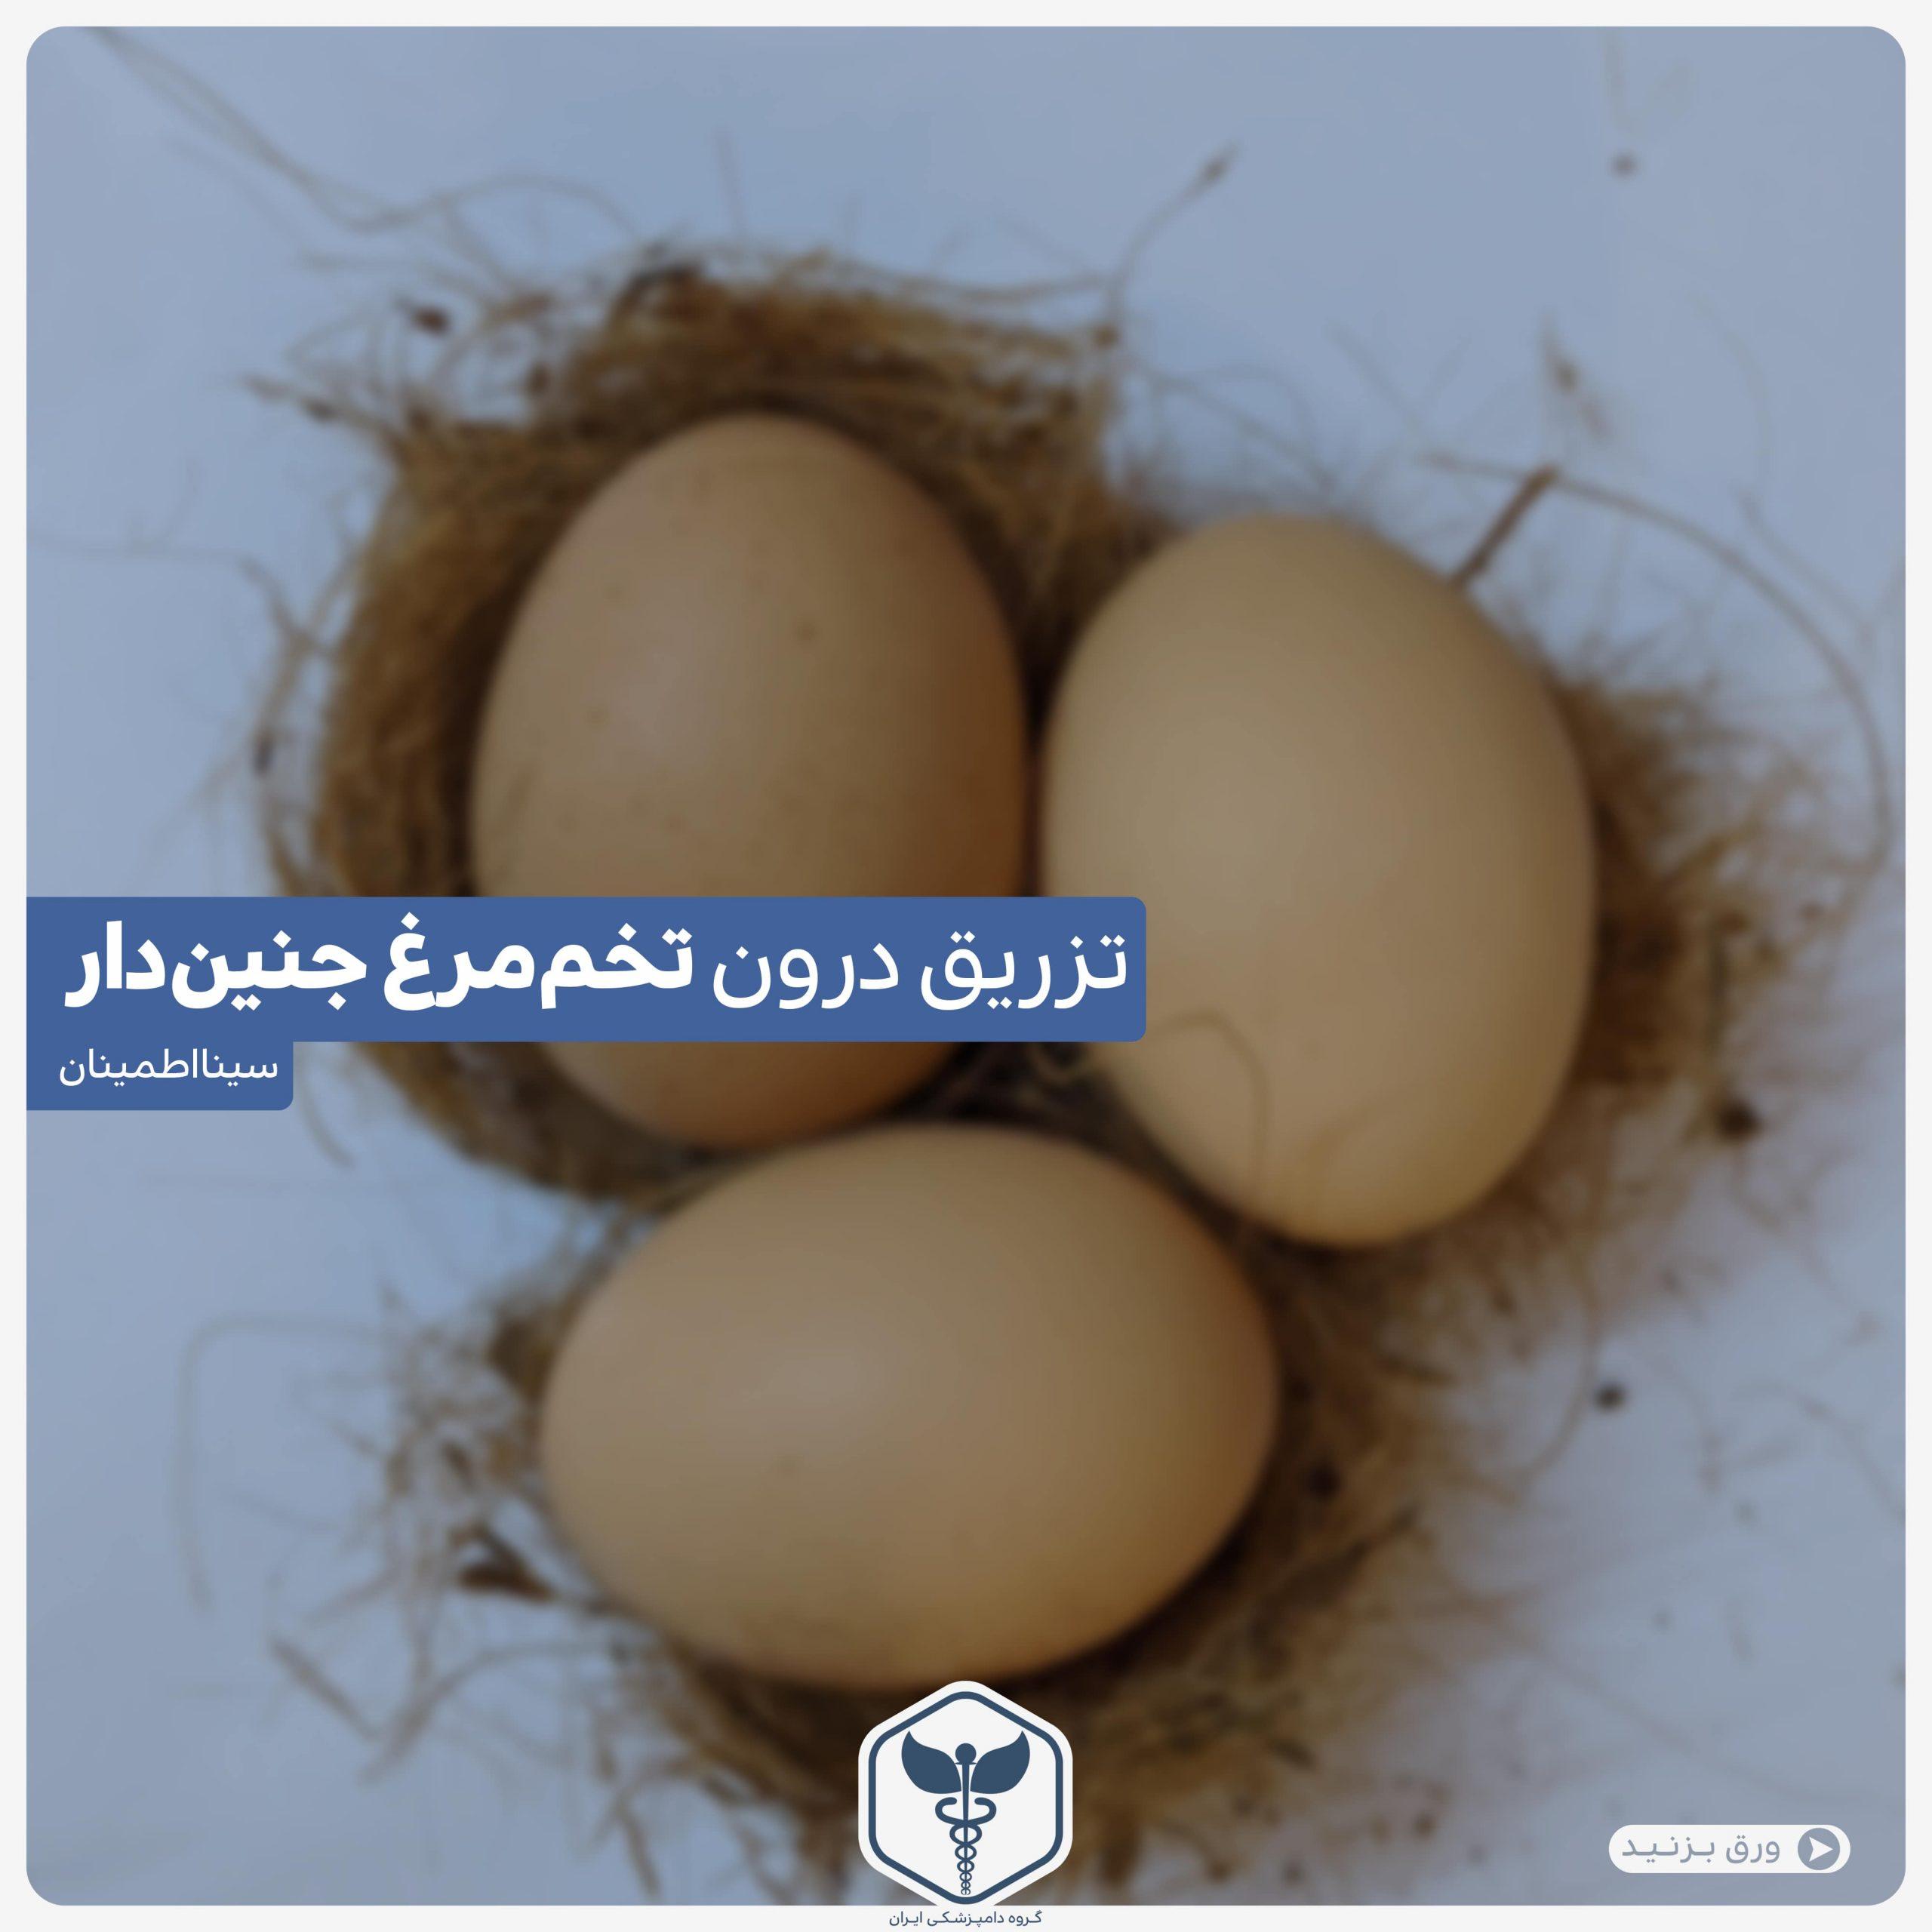 تزیرق درون تخم مرغ جنین دار